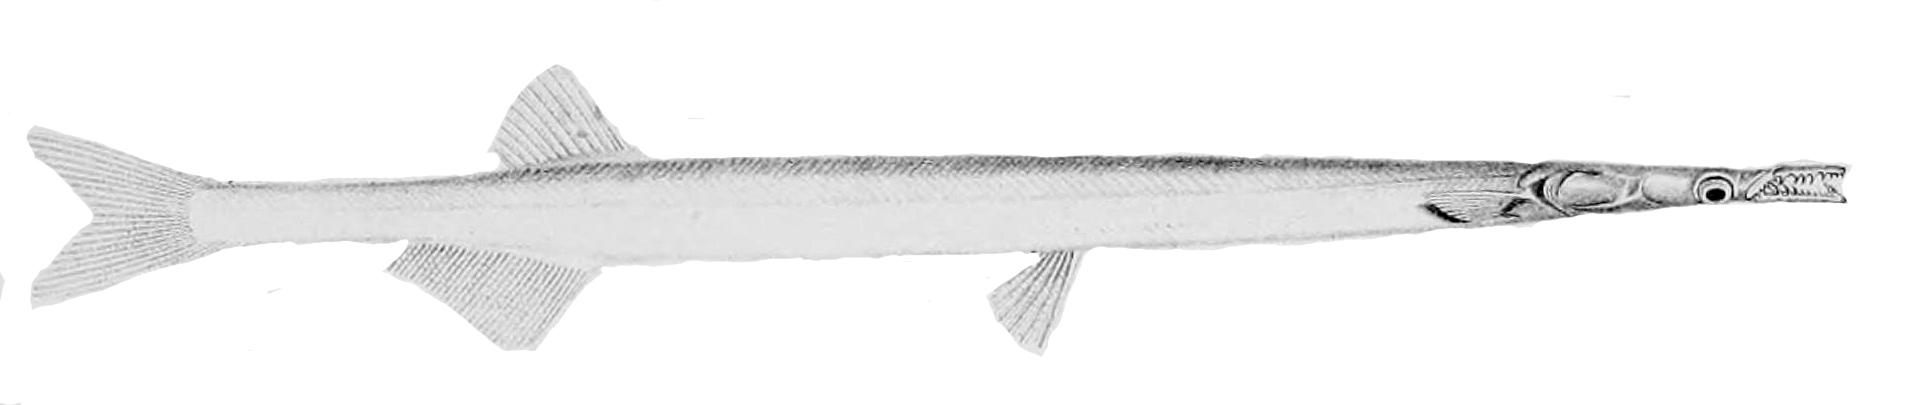 Лапша-рыба фото